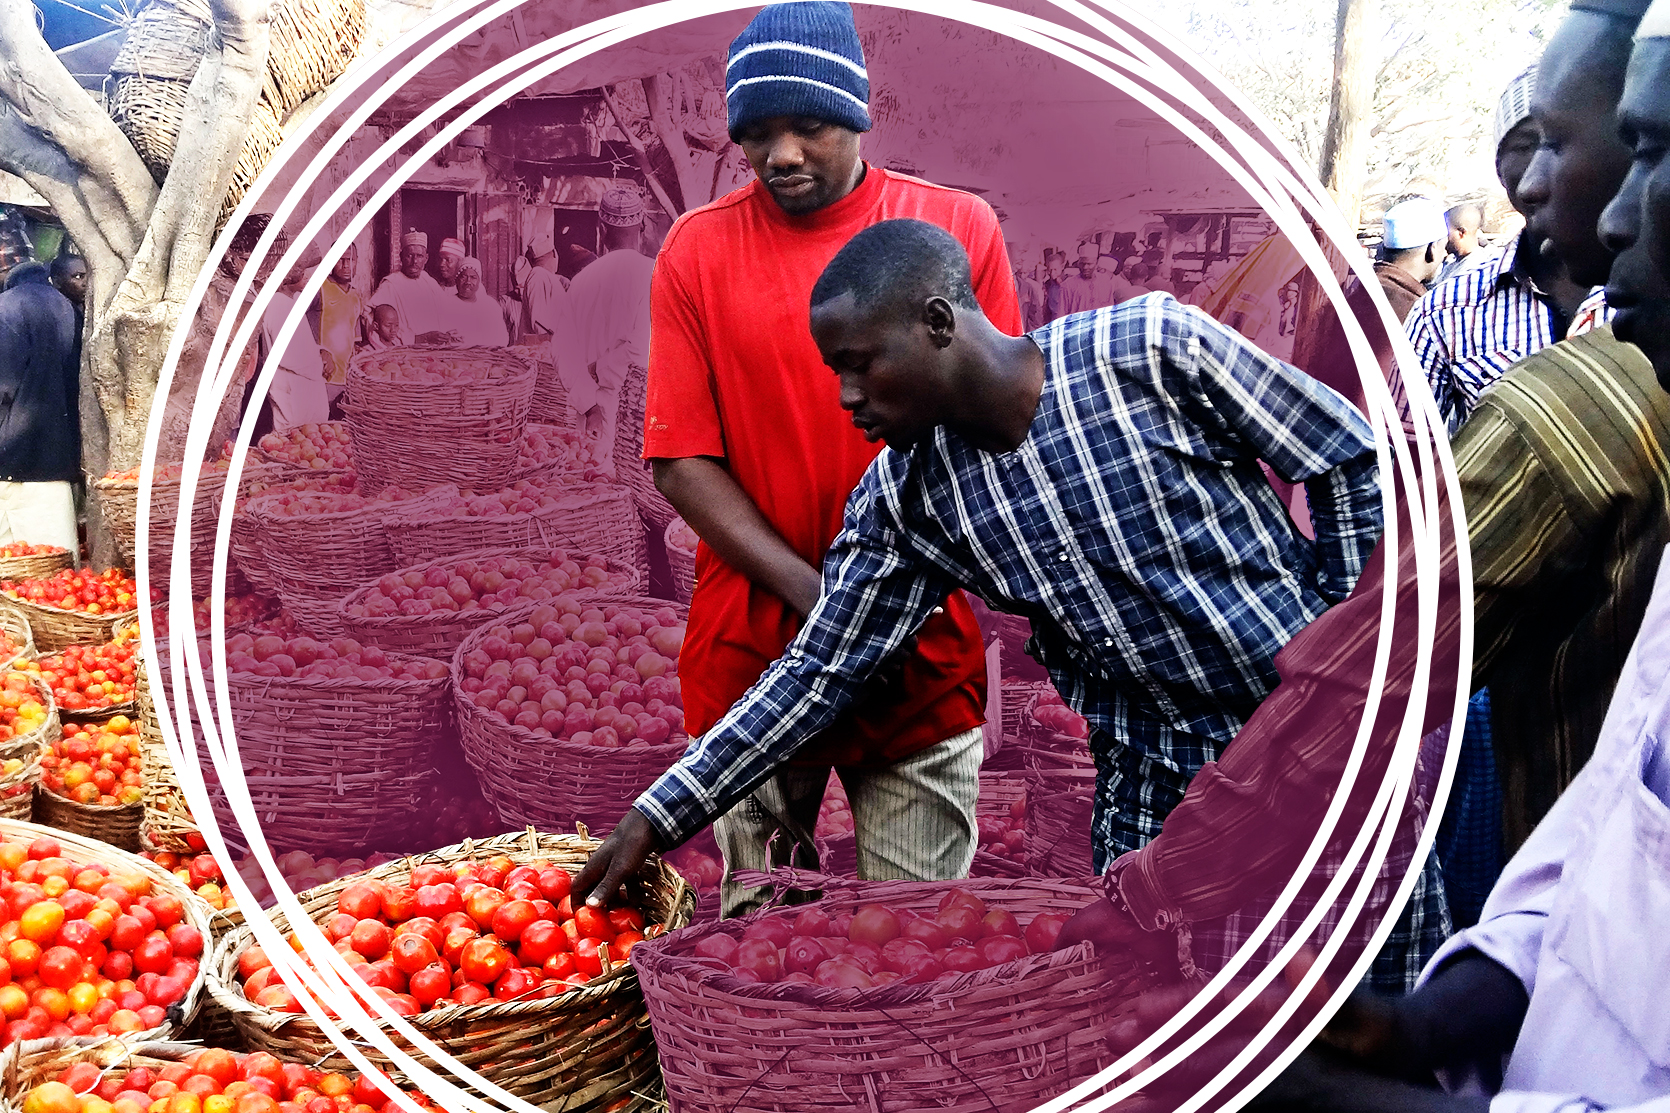 COVID-19: A virus eliminating jobs, livelihoods